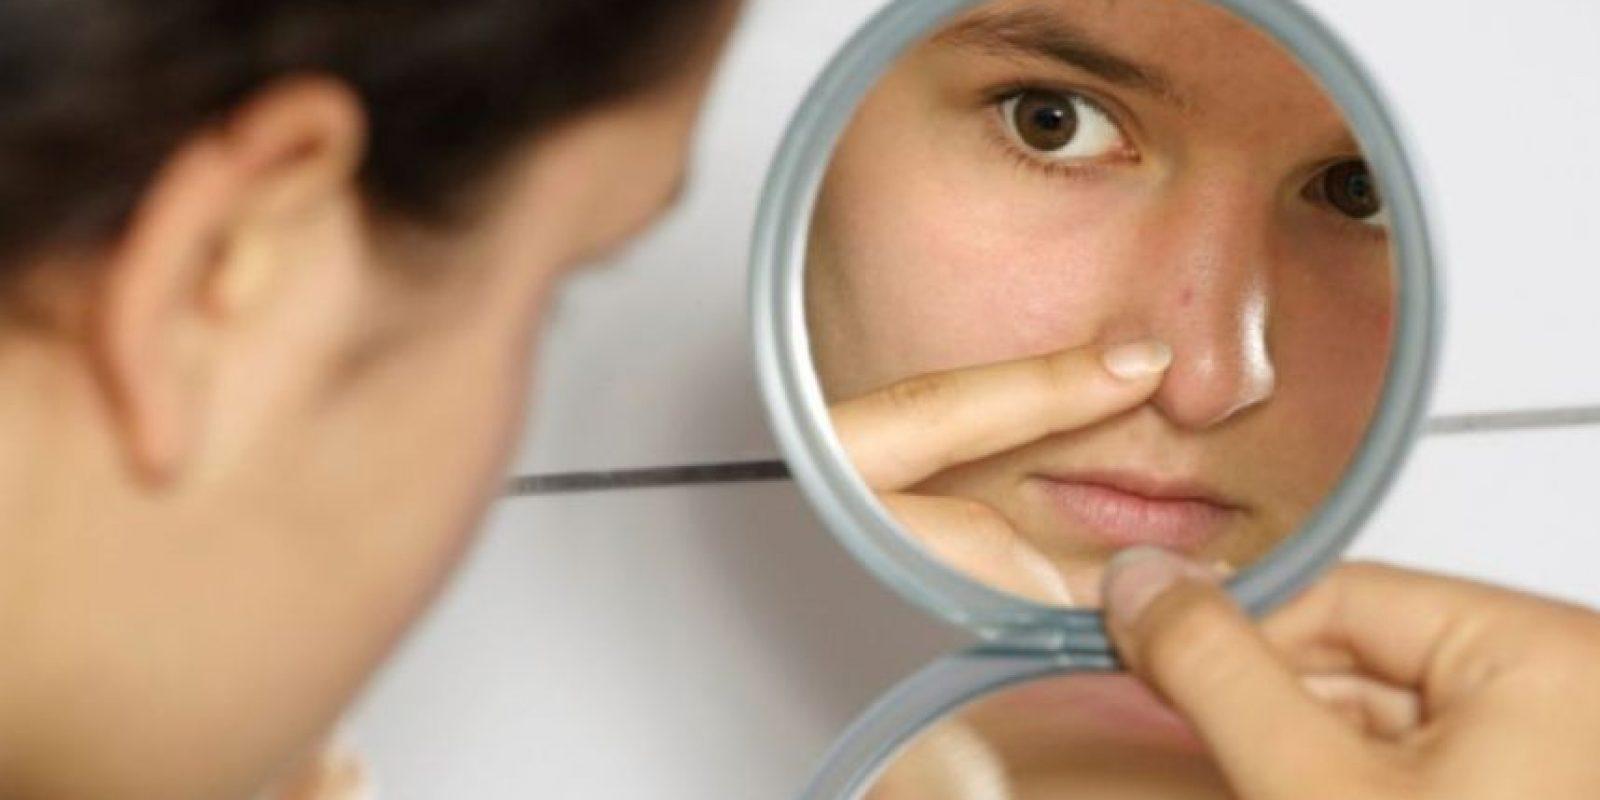 La anorexia y bulimia son problemas de salud pública en la actualidad. Foto:vía Getty Images